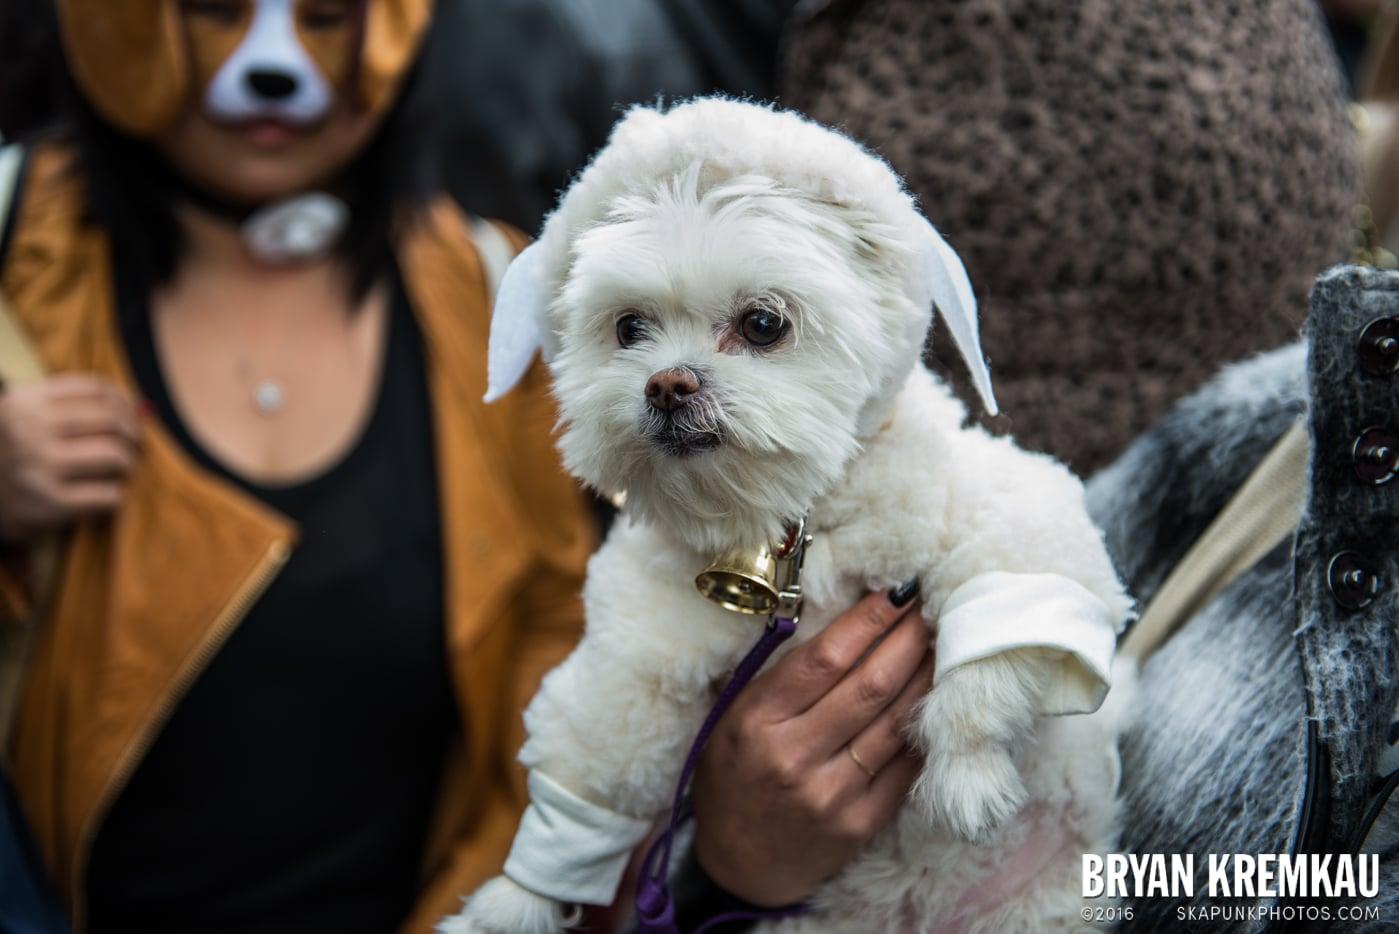 Tompkins Square Halloween Dog Parade 2015 @ Tompkins Square Park, NYC – 10.24.15 (11)